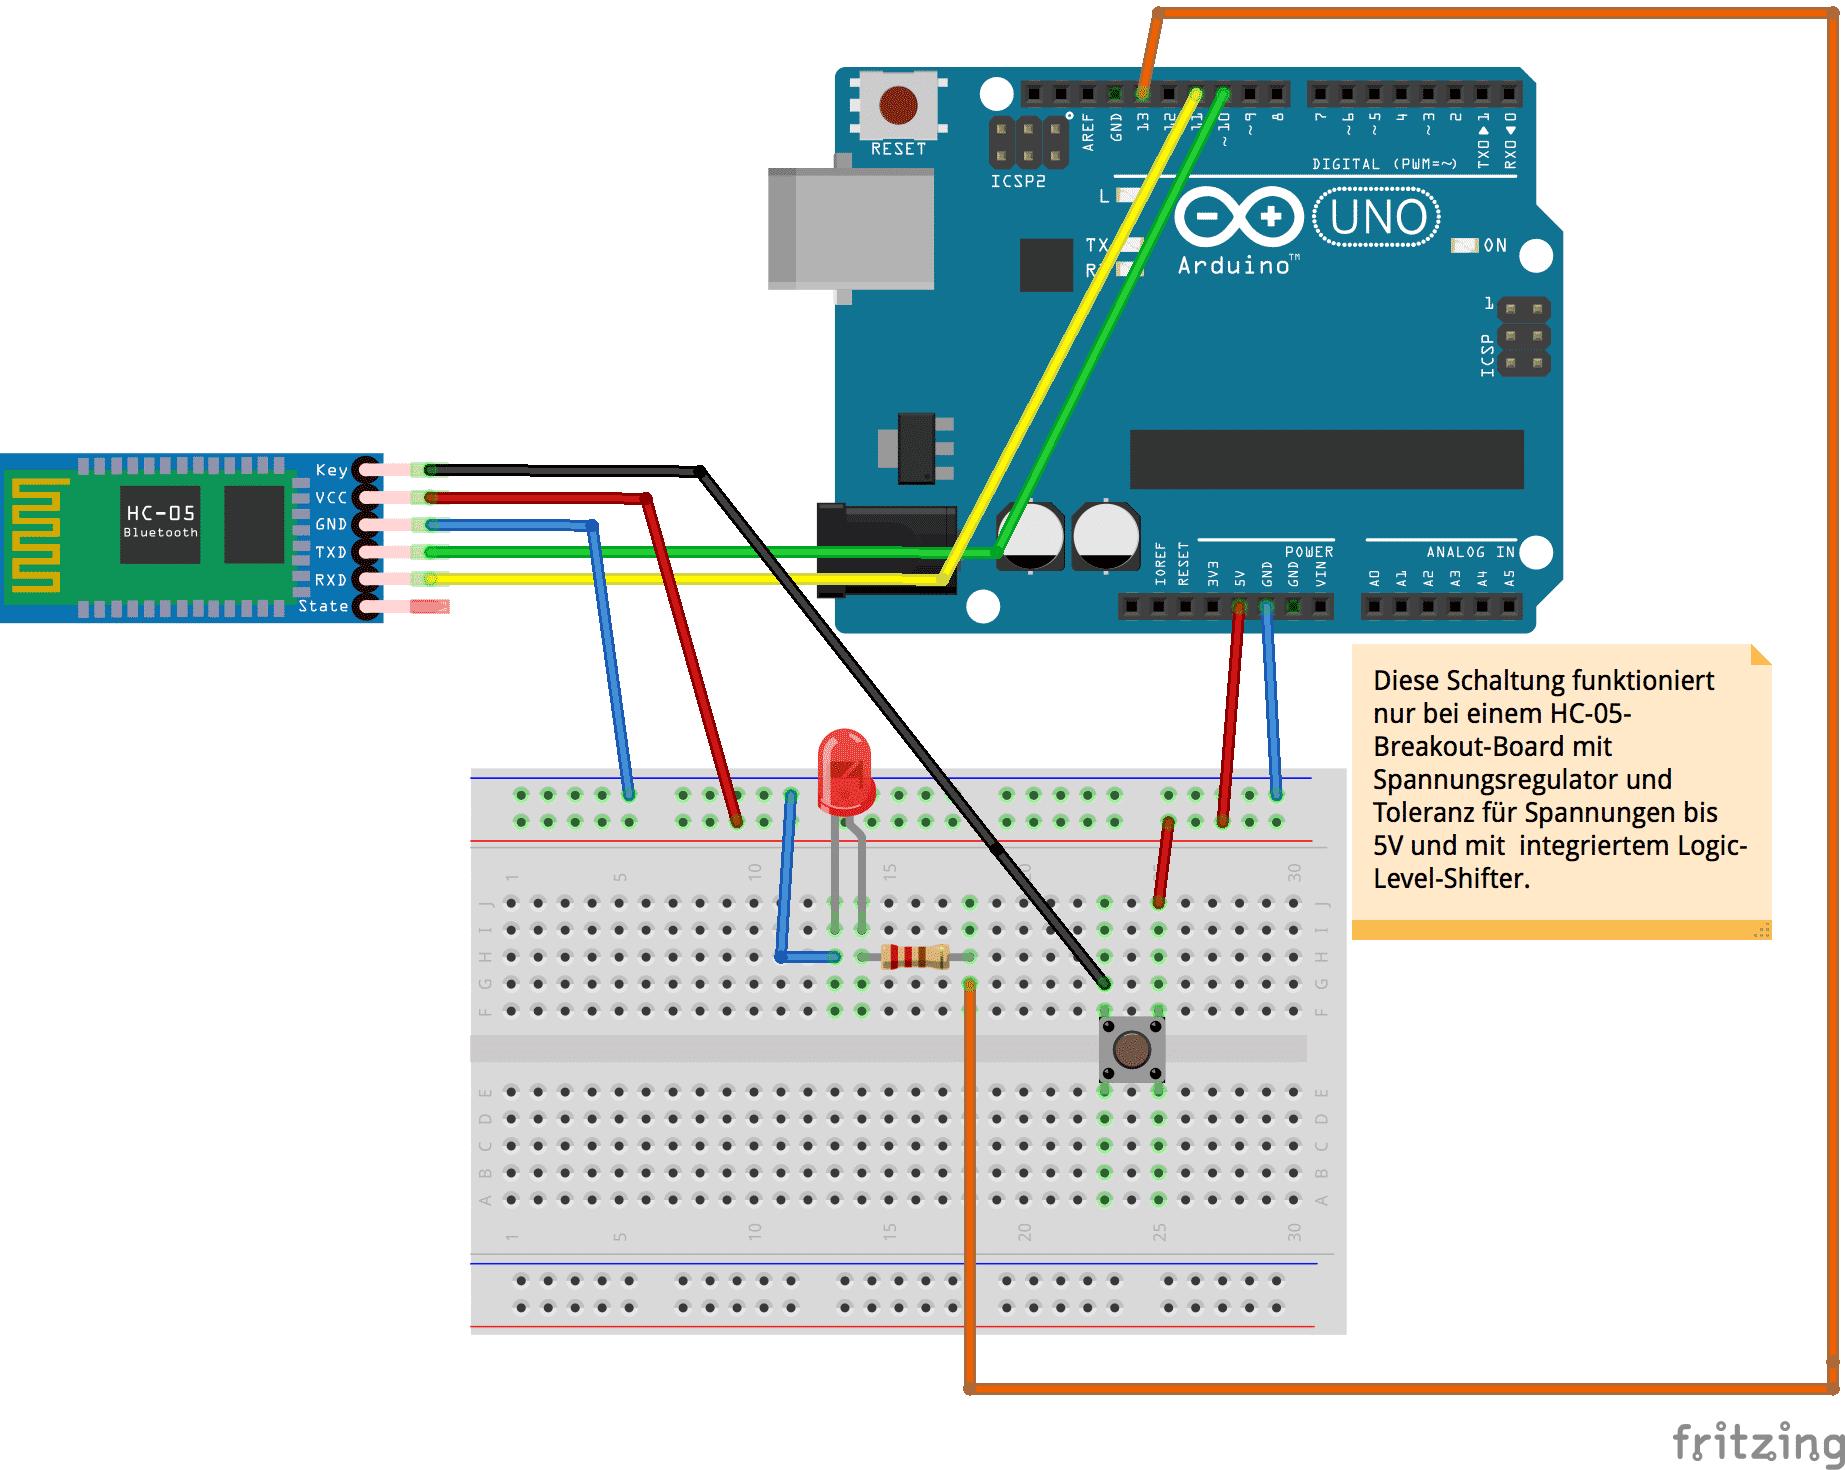 Schaltung mit Arduino Uno und HC-05